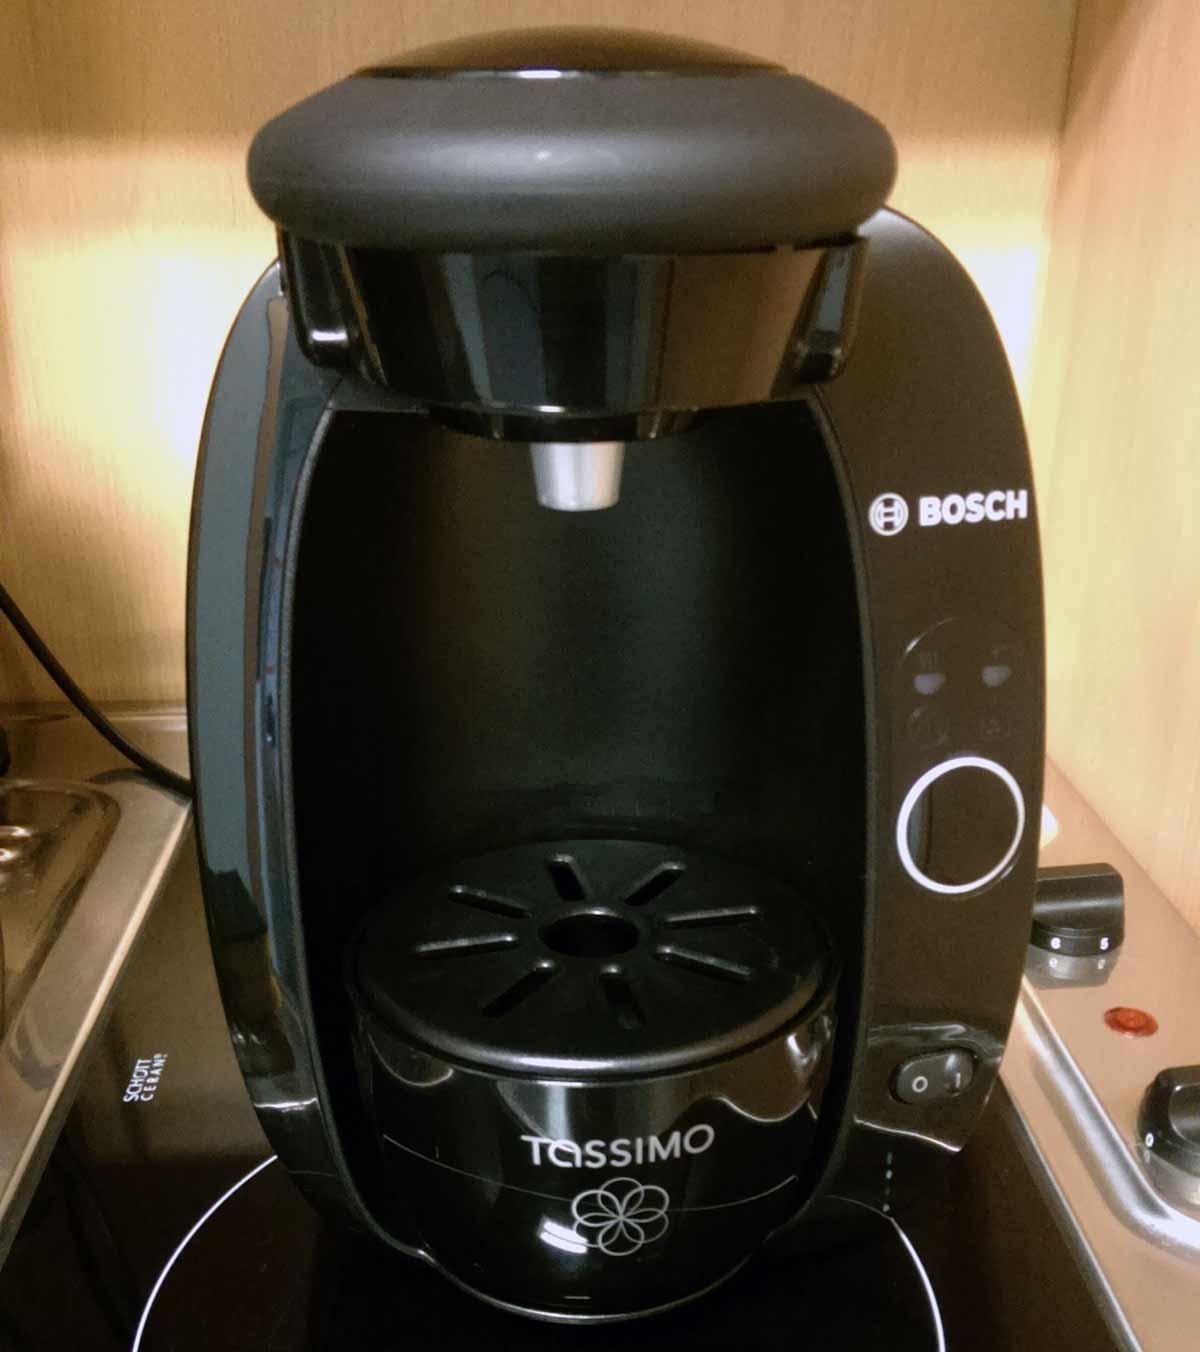 Kaffeekapselmaschine Bosch Tassimo